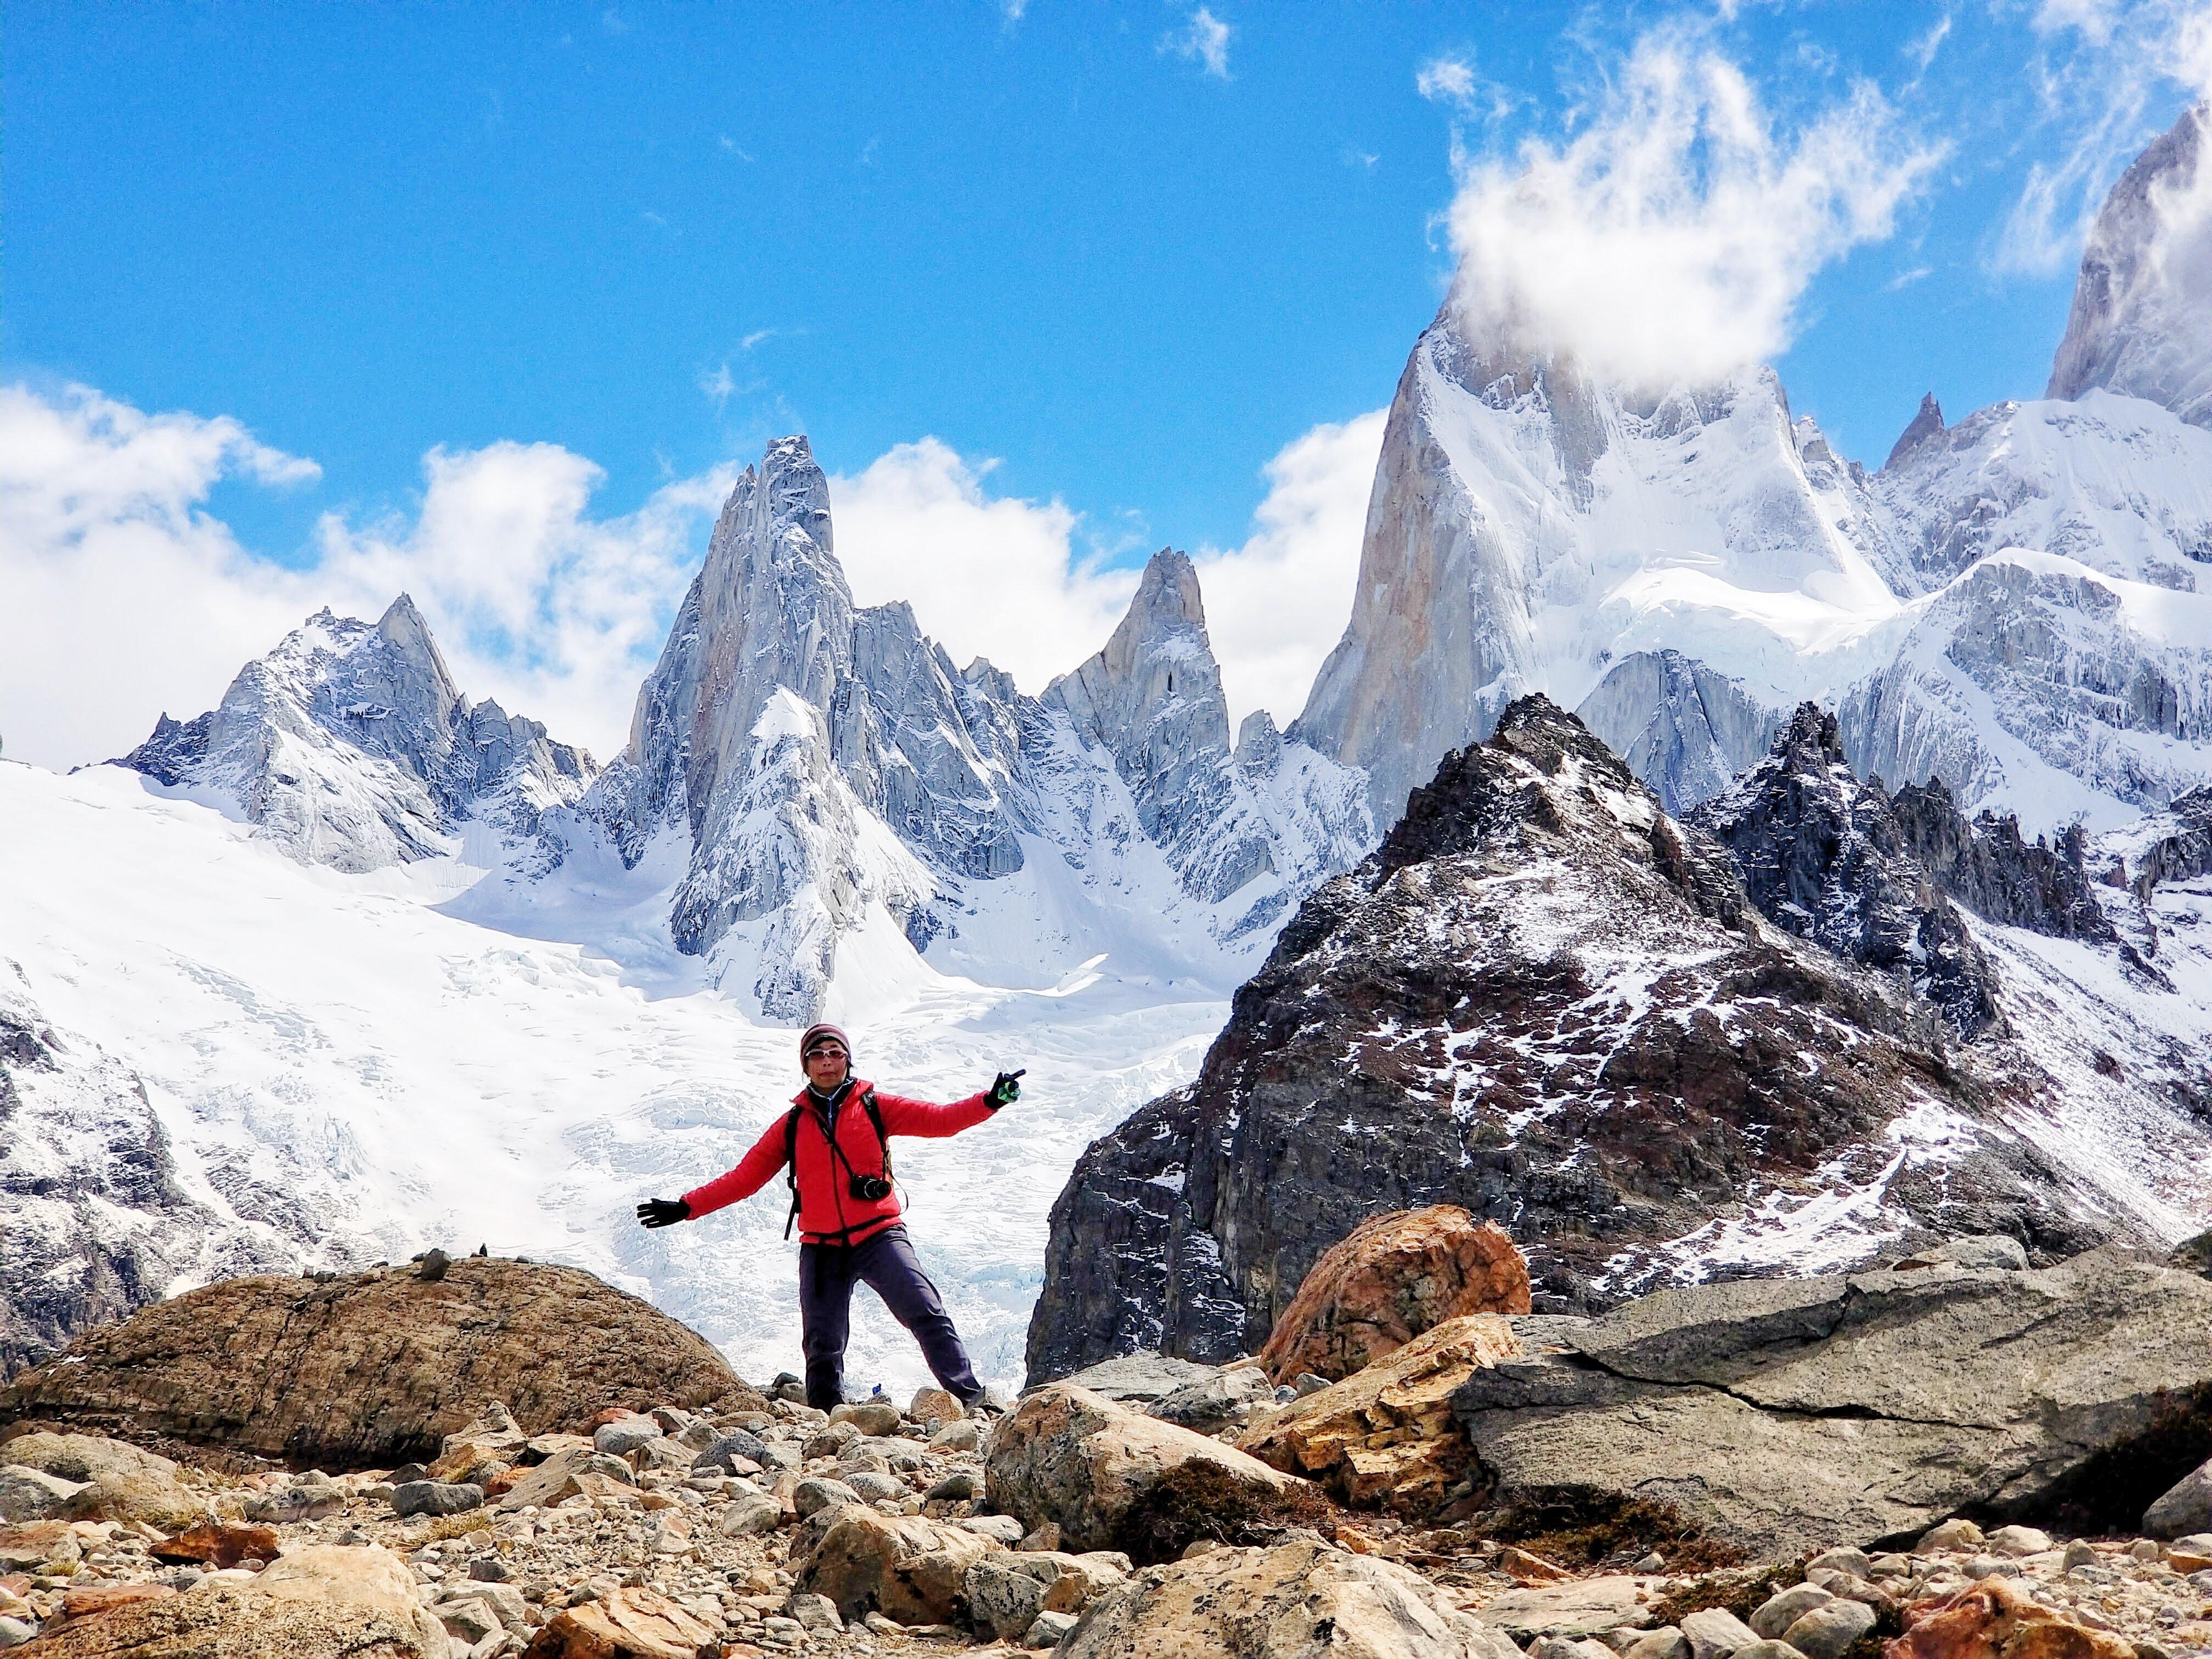 Pinch me! Gee, gaaaahhhh, I'm in Patagonia!